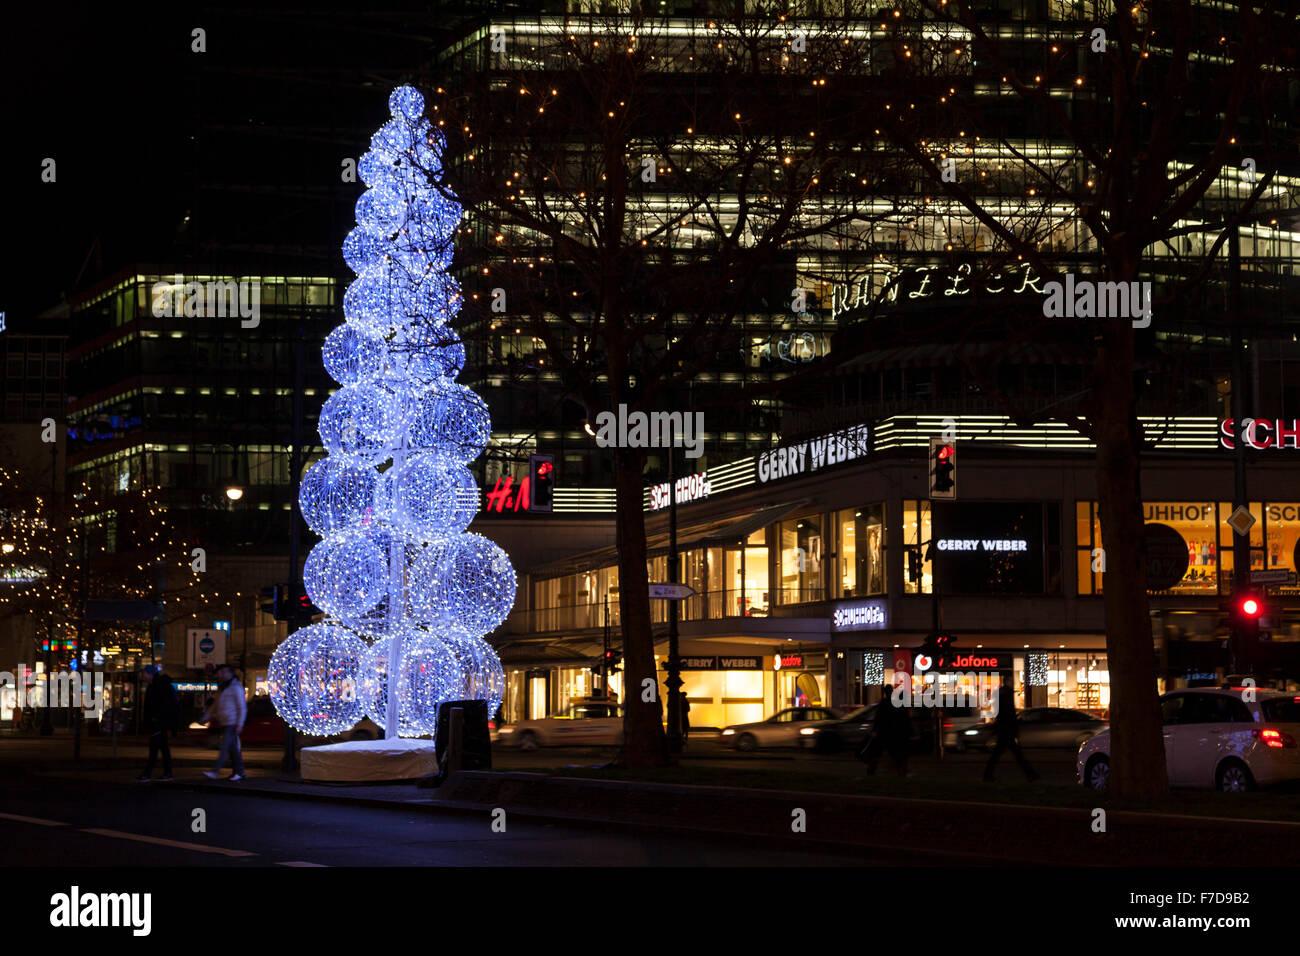 Weihnachtsbeleuchtung Kurfürstendamm.Weihnachtsbeleuchtung Am Kurfürstendamm In Berlin Deutschland